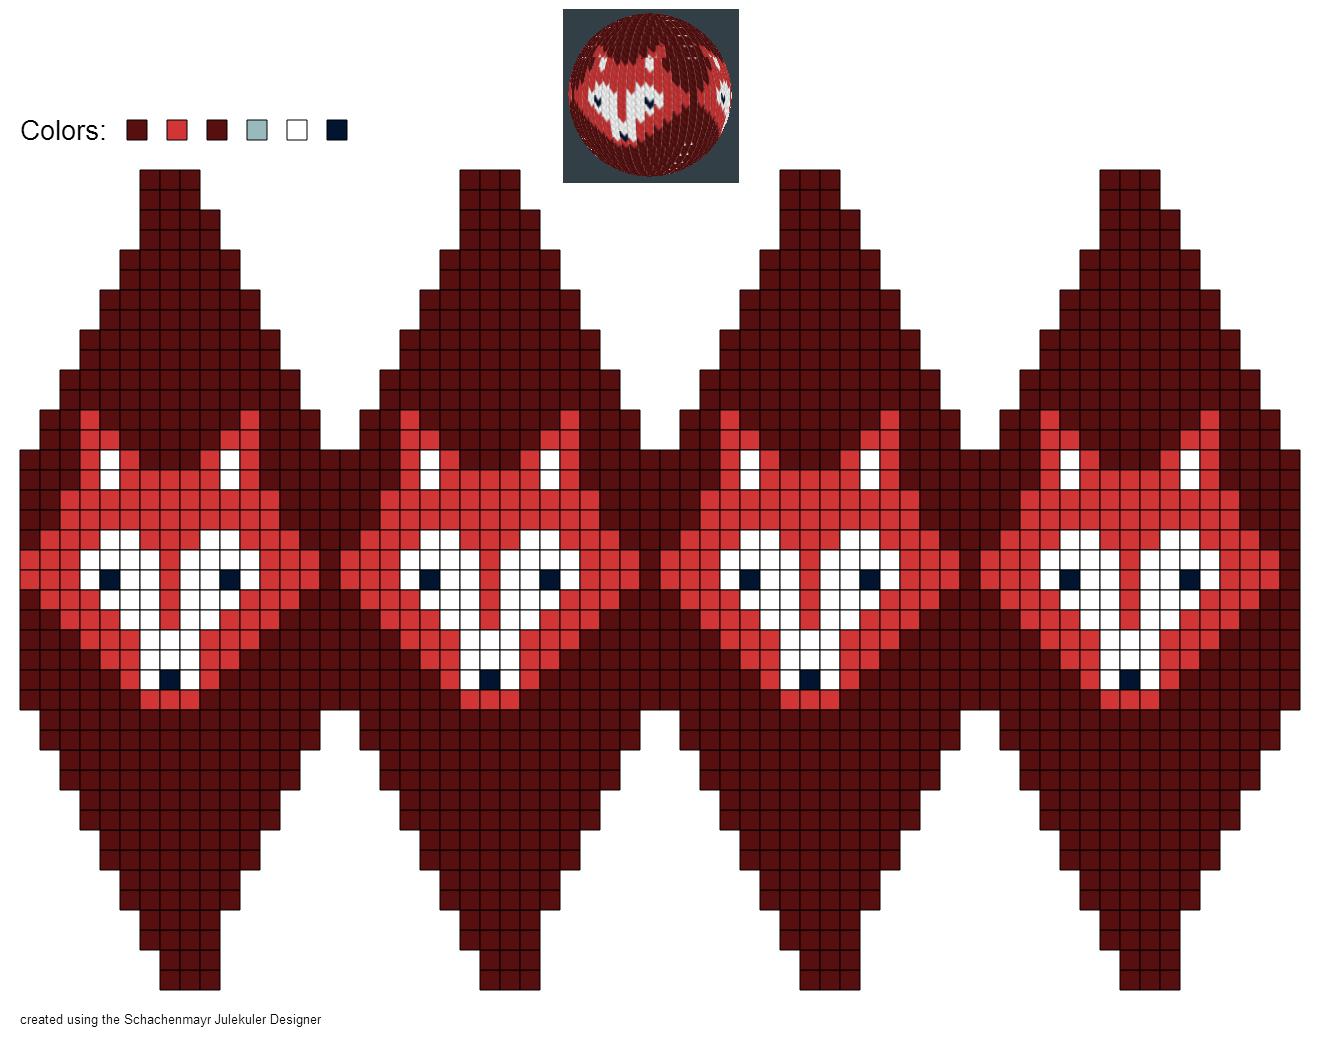 Designer Christbaumkugeln.Created Using Schachenmayr Julekuler Designer Christmas Beads